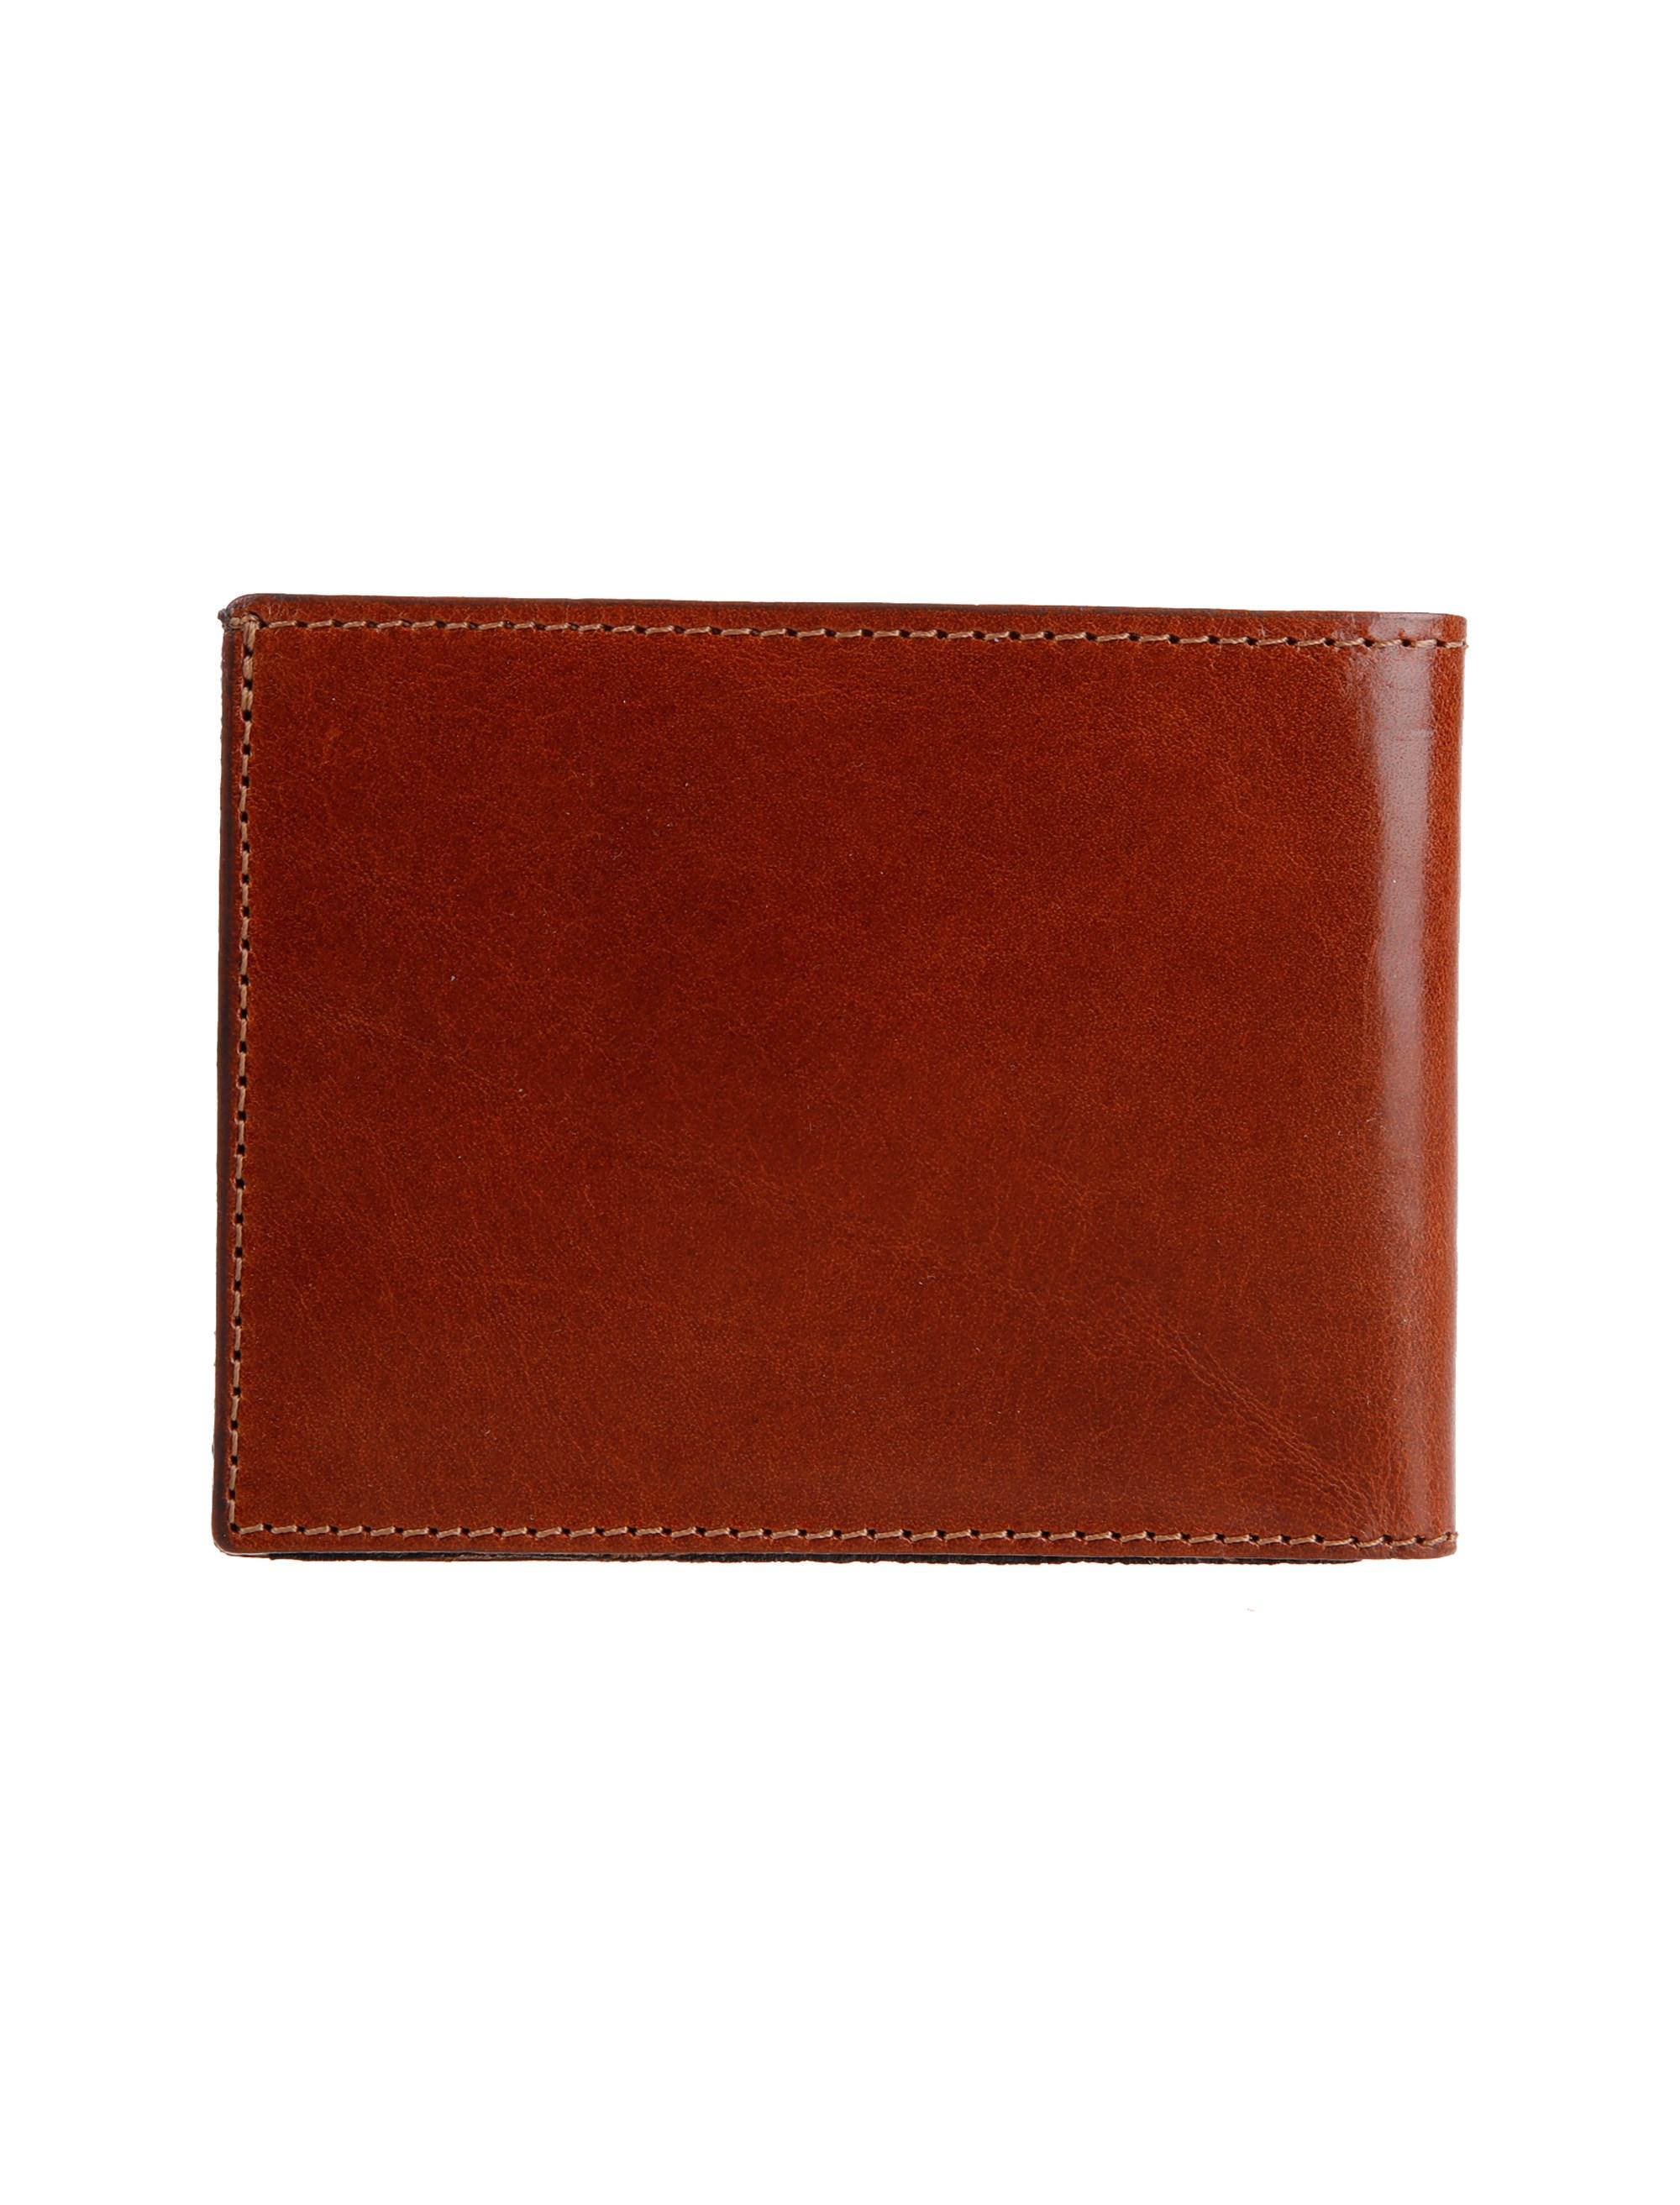 کیف پول چرم کتابی مردانه - عسلي - 2